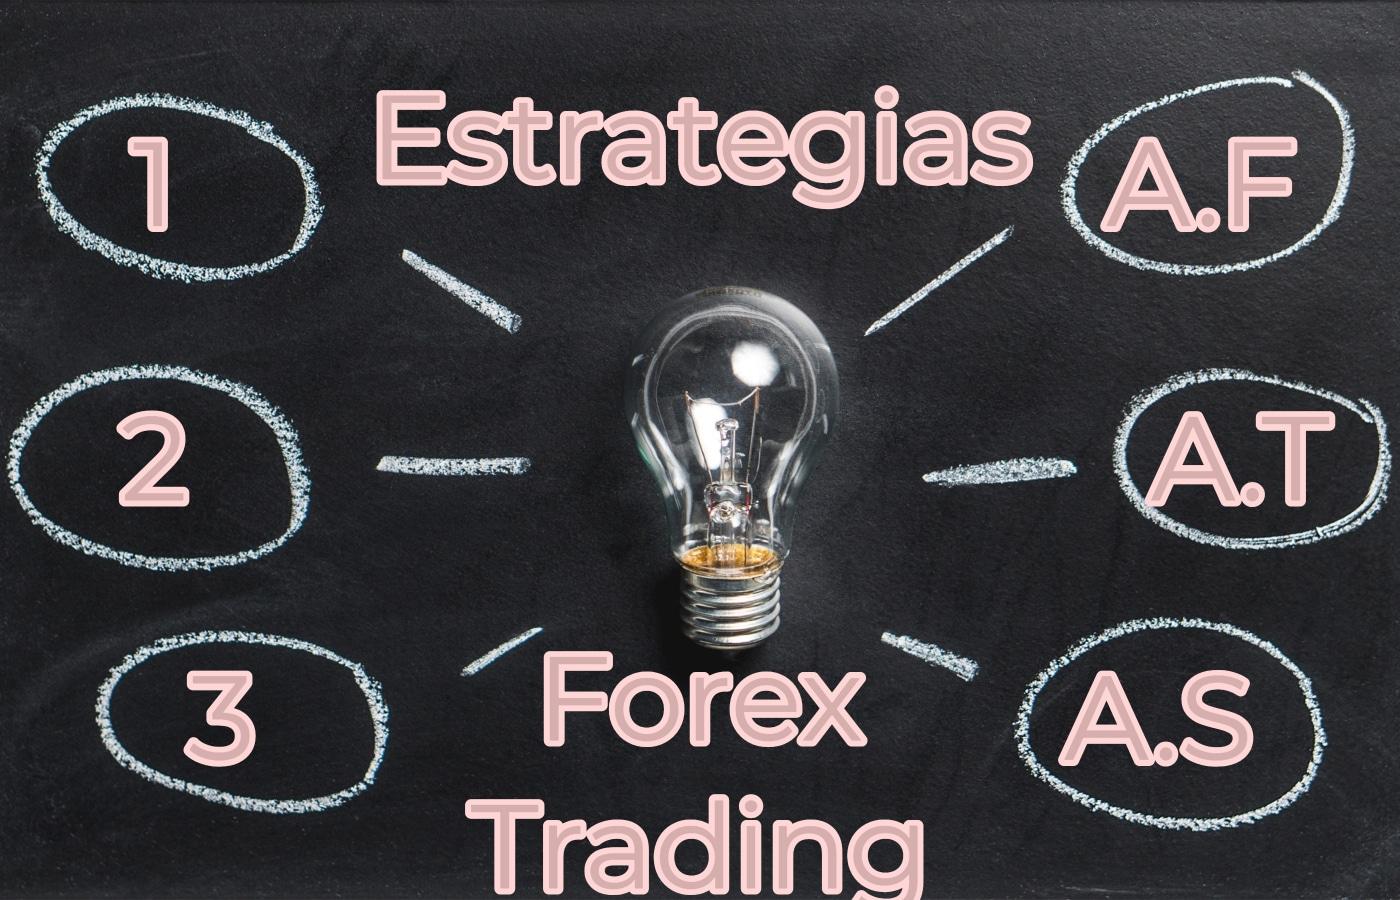 Estrategias trading forex